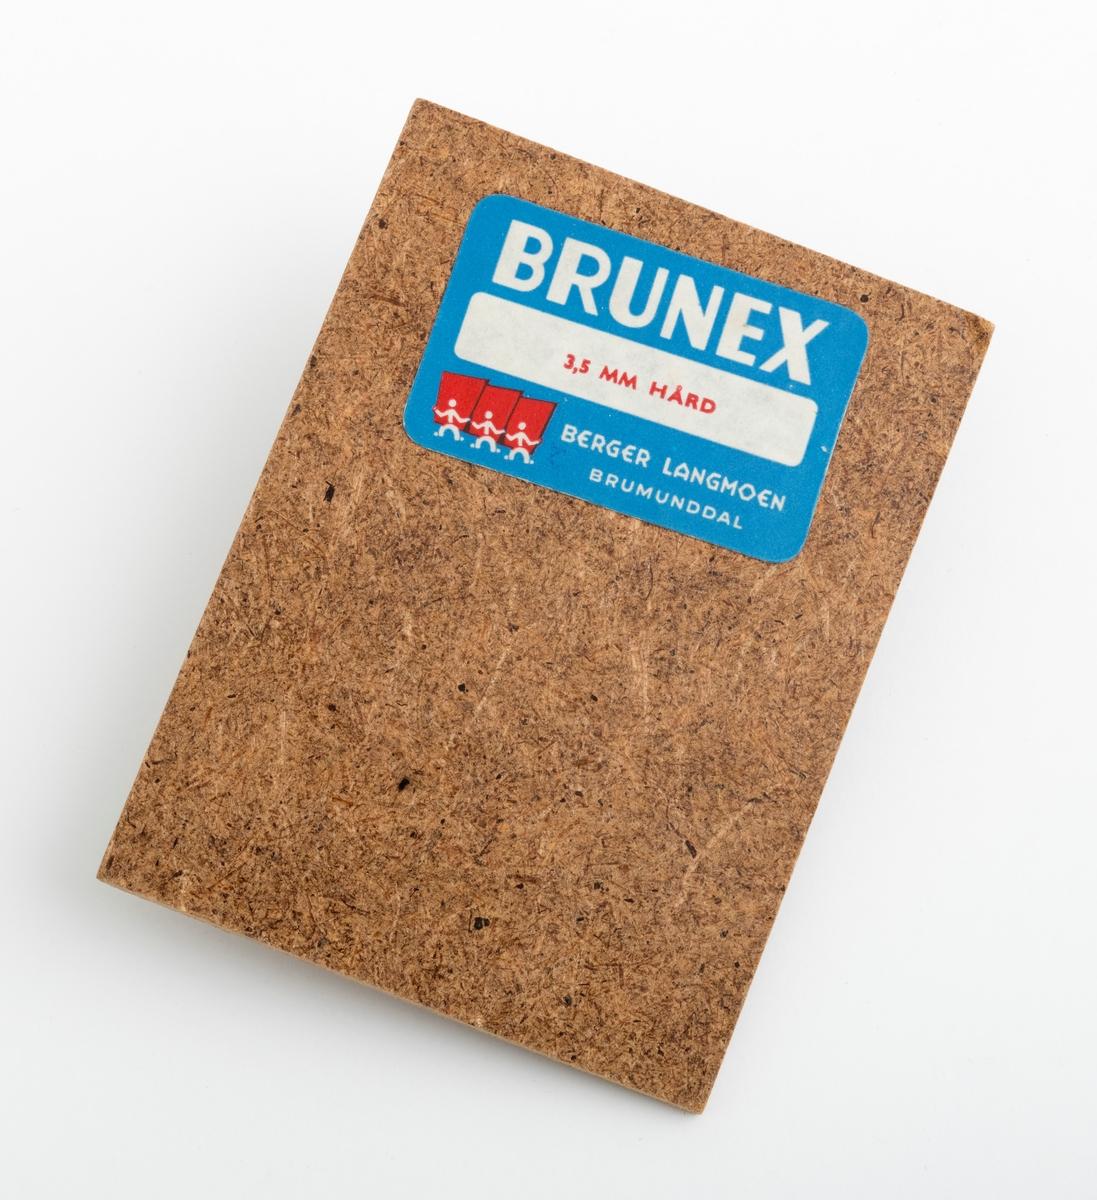 En rektangulær trefiberplate (wallboardplate), vareprøve, på 9,9 cm x 7,4 cm. Plata har en glatt framside og en mer ru bakside. På vareprøvas ene side gjenifnnes en påklistrert etikett med firmaets logo og denne teksten: Brunex, 3,5 mm hård Berger Langmoen Brumunddal.